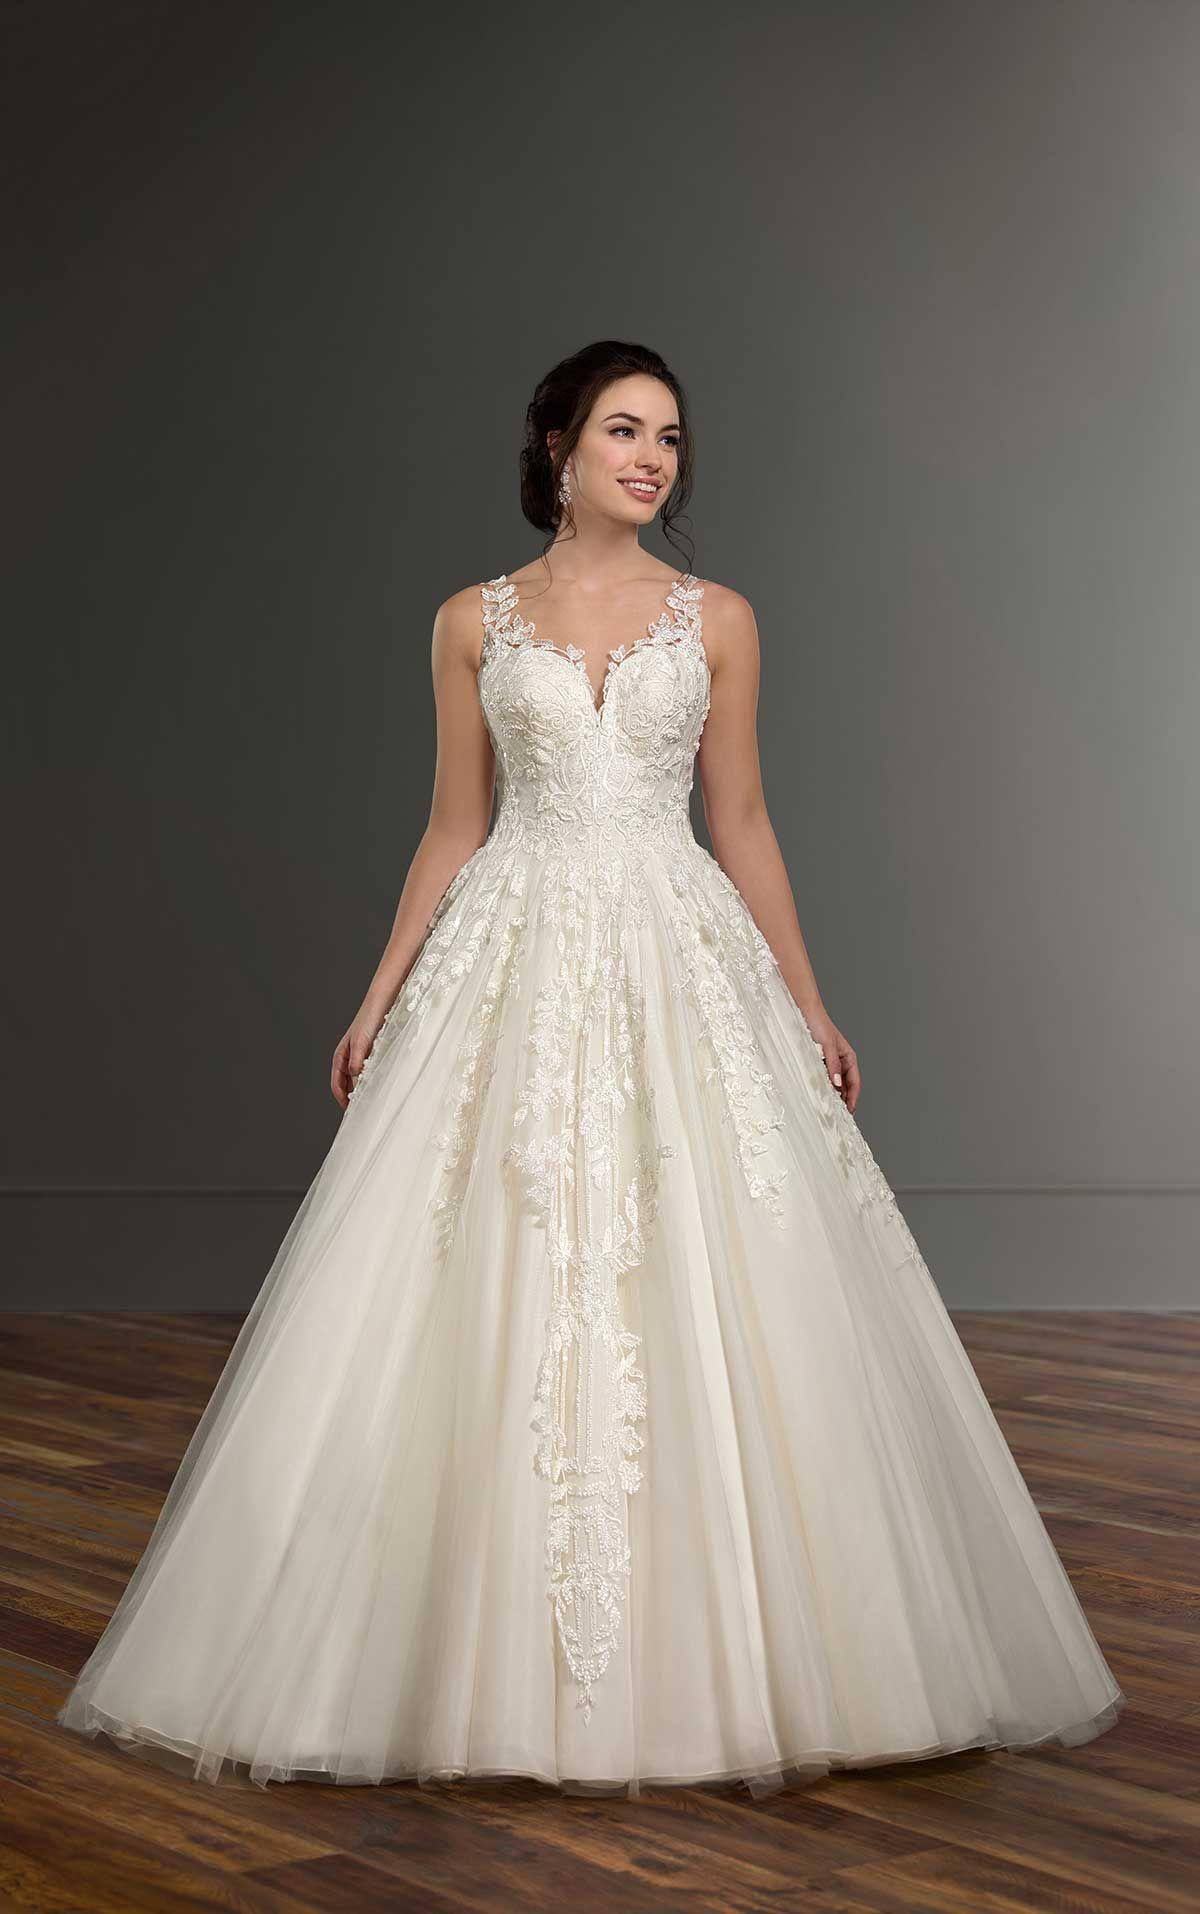 906d50aa7c Ball Gown Wedding Dress Pinterest - Gomes Weine AG